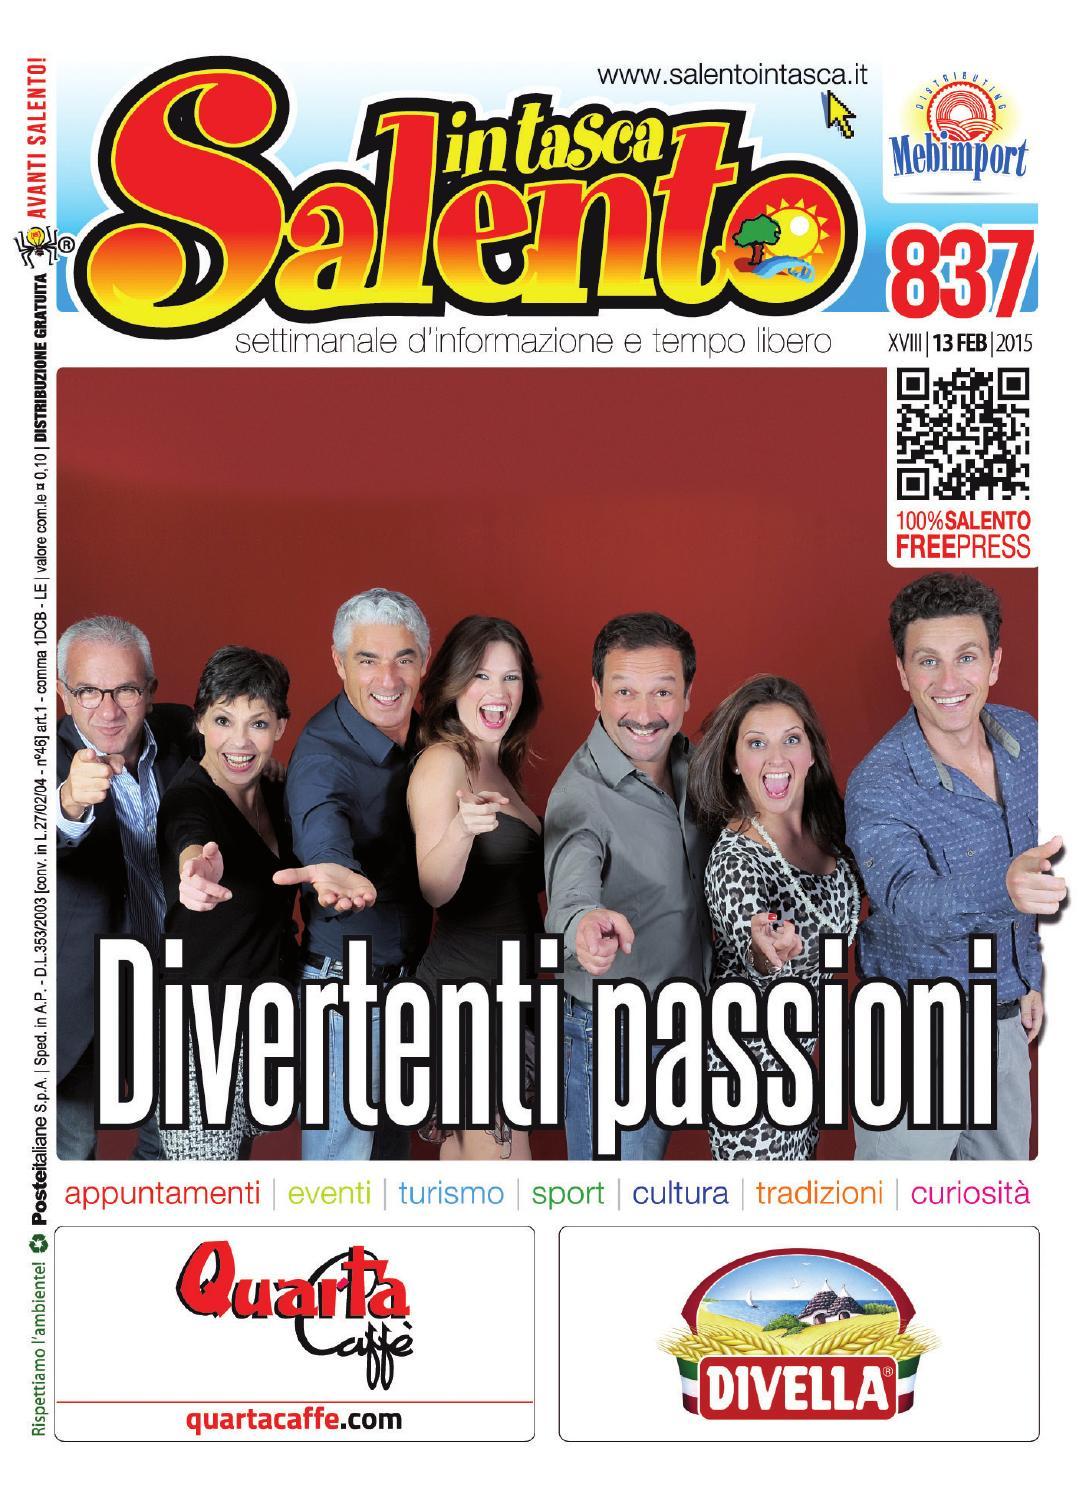 SALENTO IN TASCA 837 by SALENTO IN TASCA - issuu 4fad61305e3